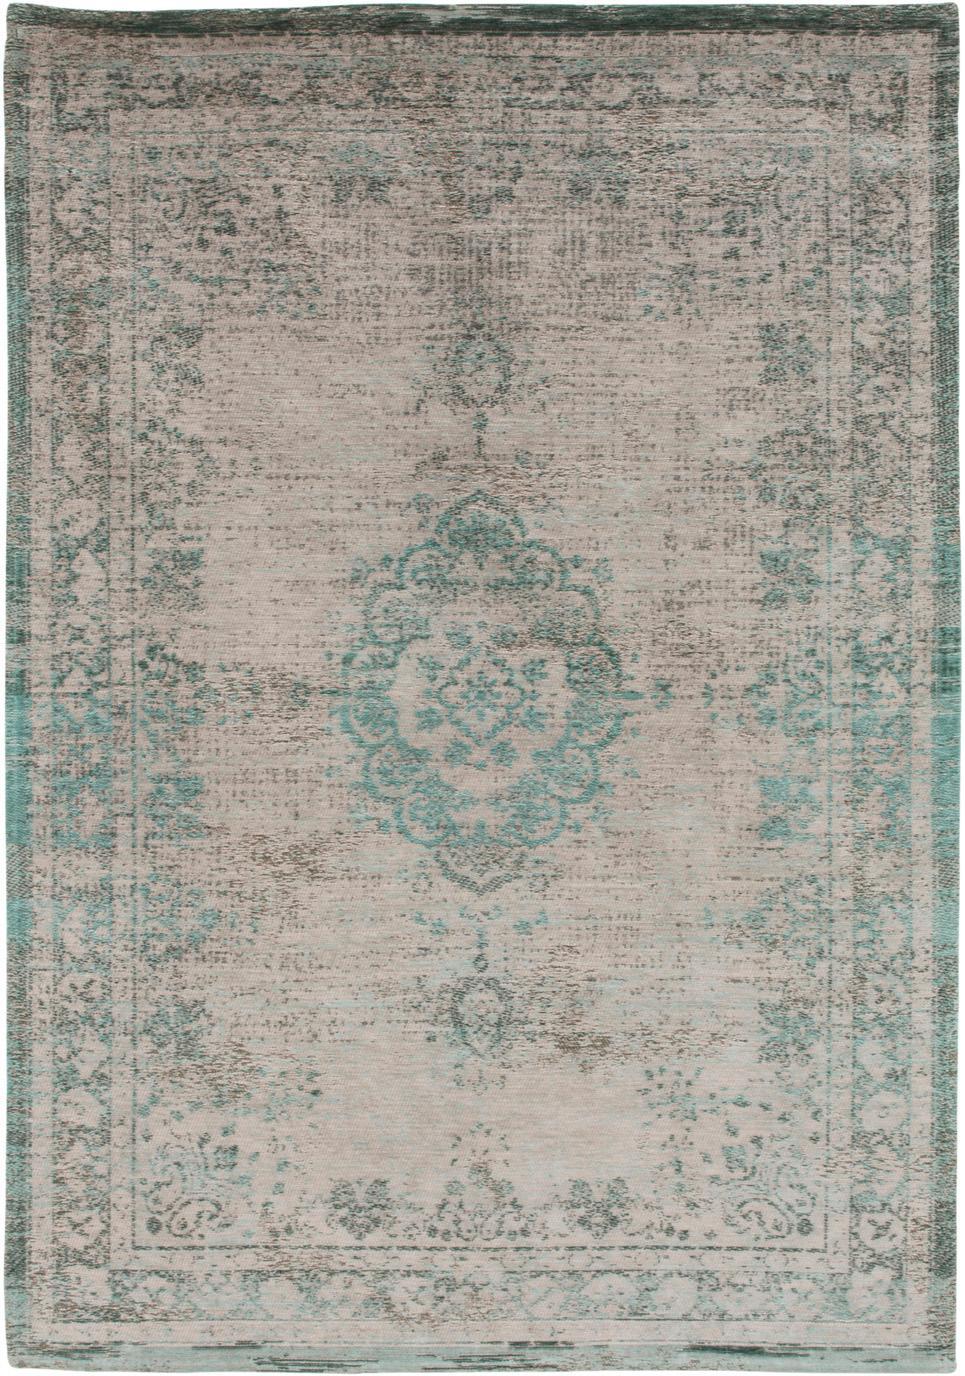 Vintage chenille vloerkleed Medaillon, Bovenzijde: chenille (katoen), Weeftechniek: jacquard, Onderzijde: chenille, gecoat met late, Groen, roze, B 170 x L 240 cm (maat M)